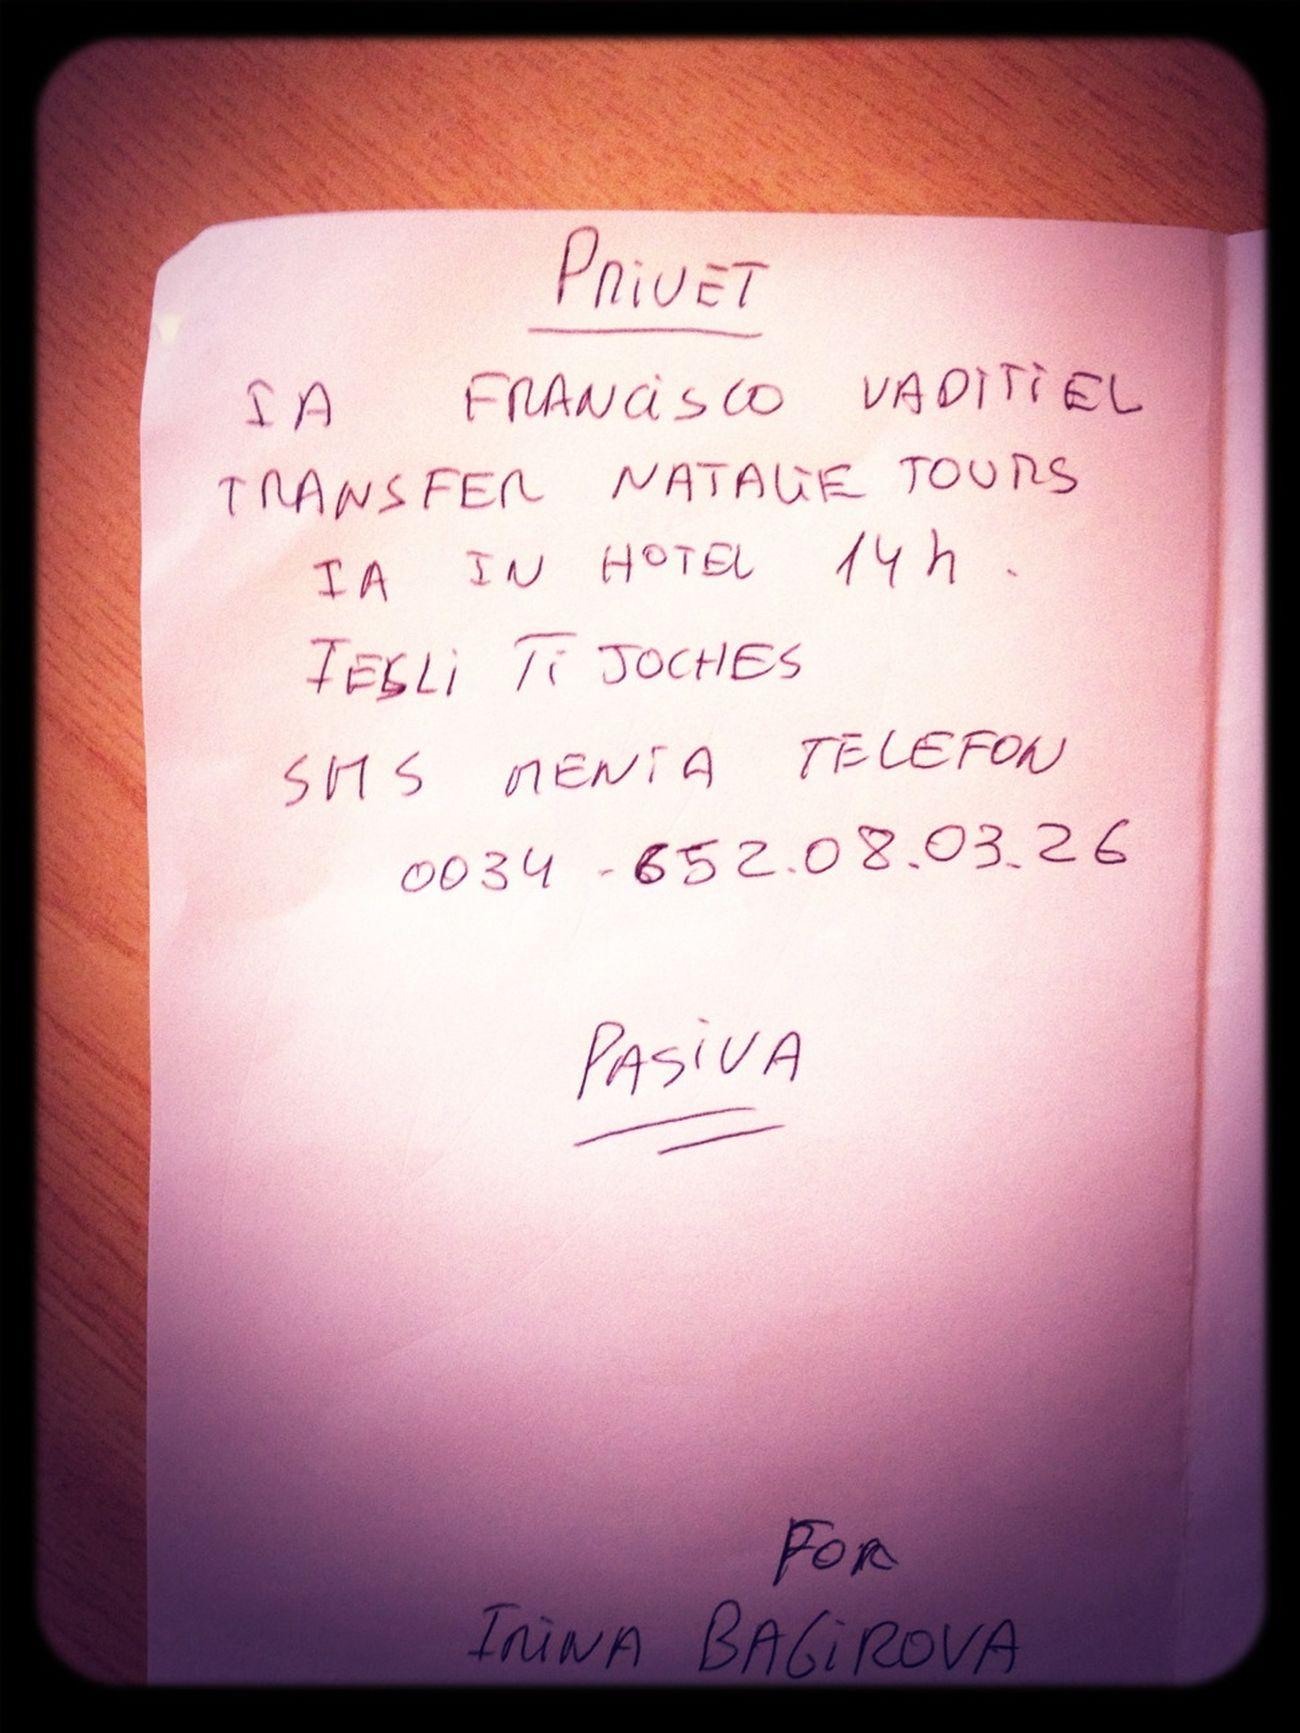 записка от Франциско